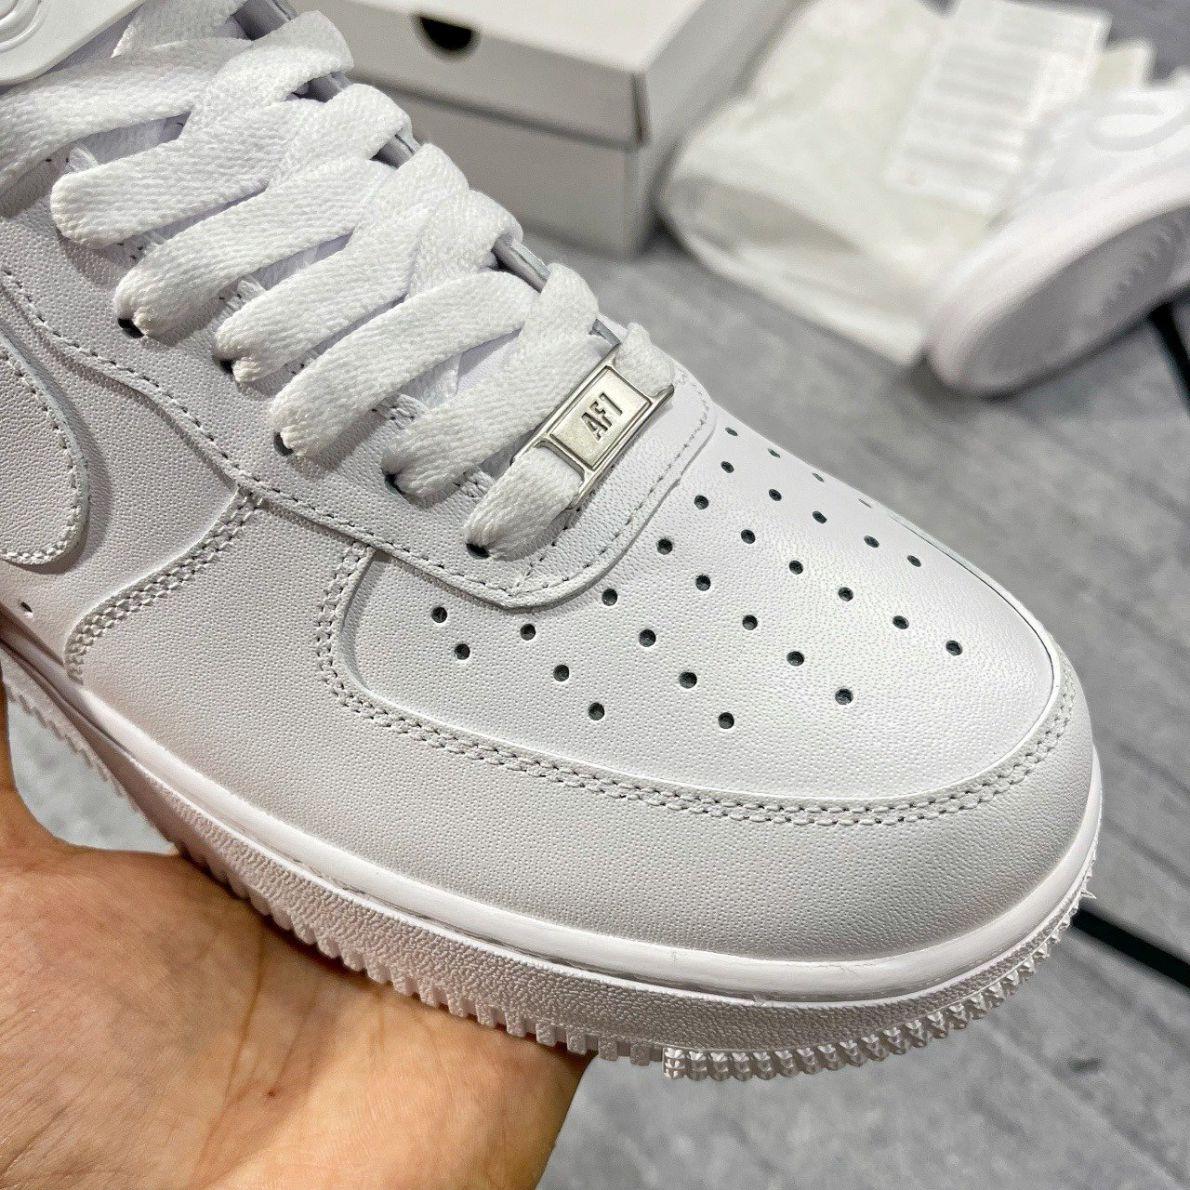 Nike Air Force 1 full white like auth